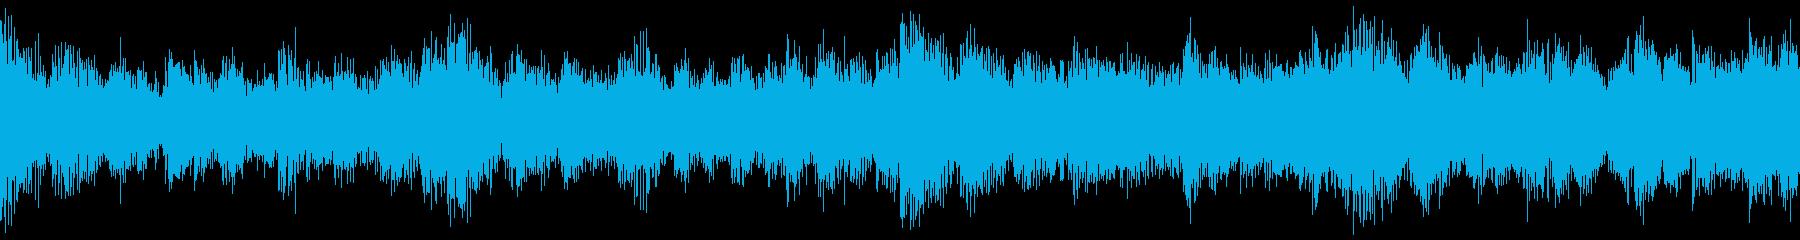 シネマティック エピックの再生済みの波形